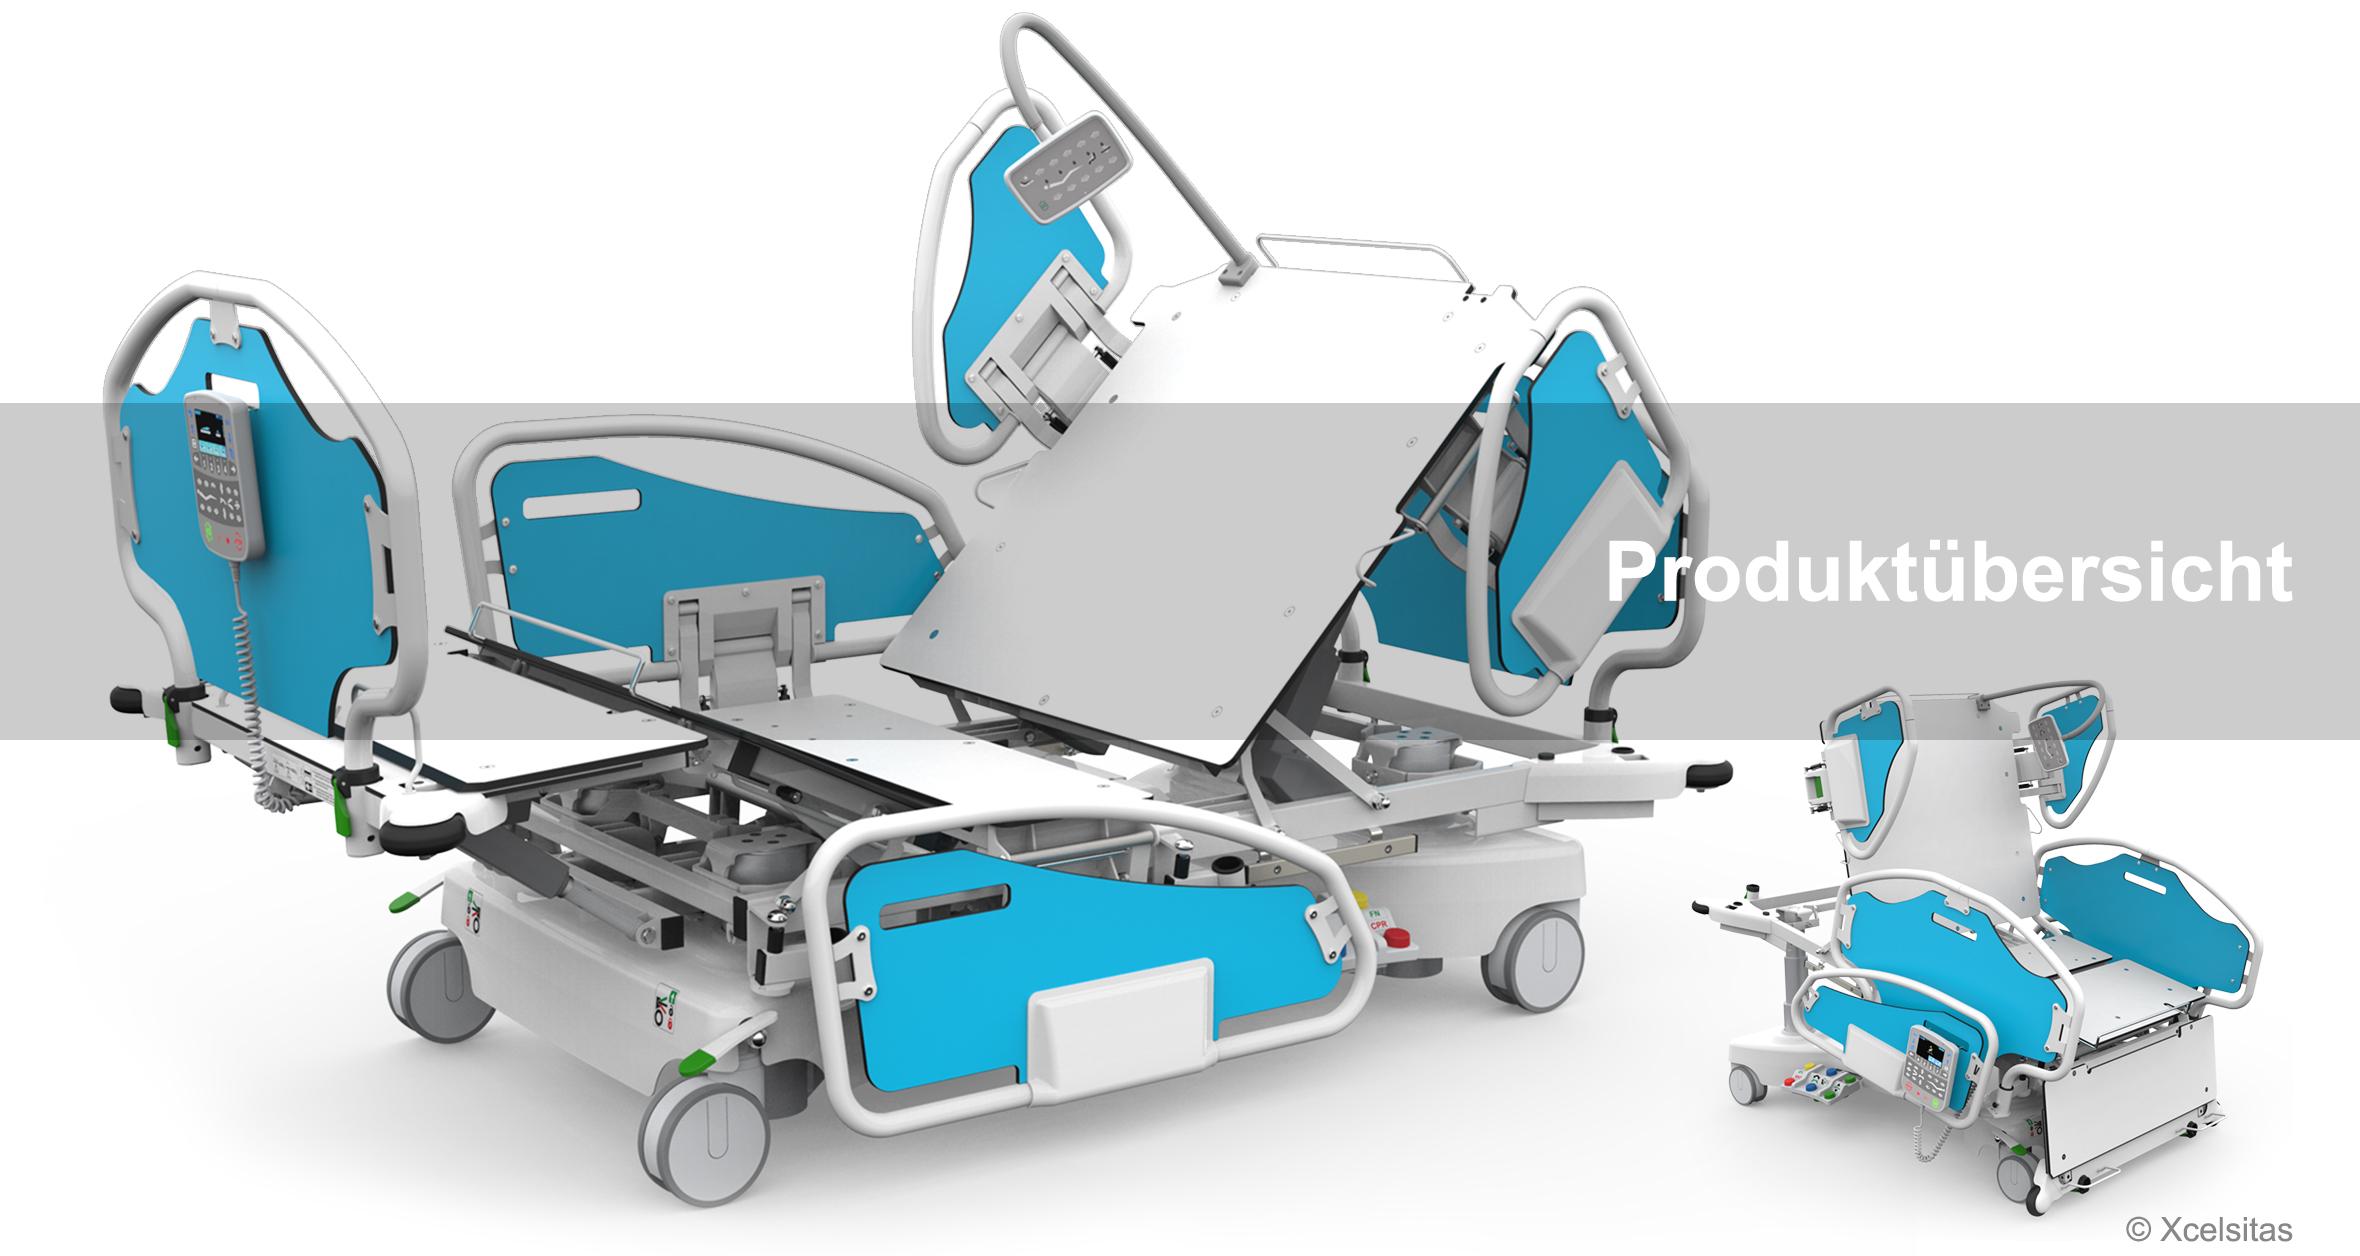 Bariatrische Krankenbetten